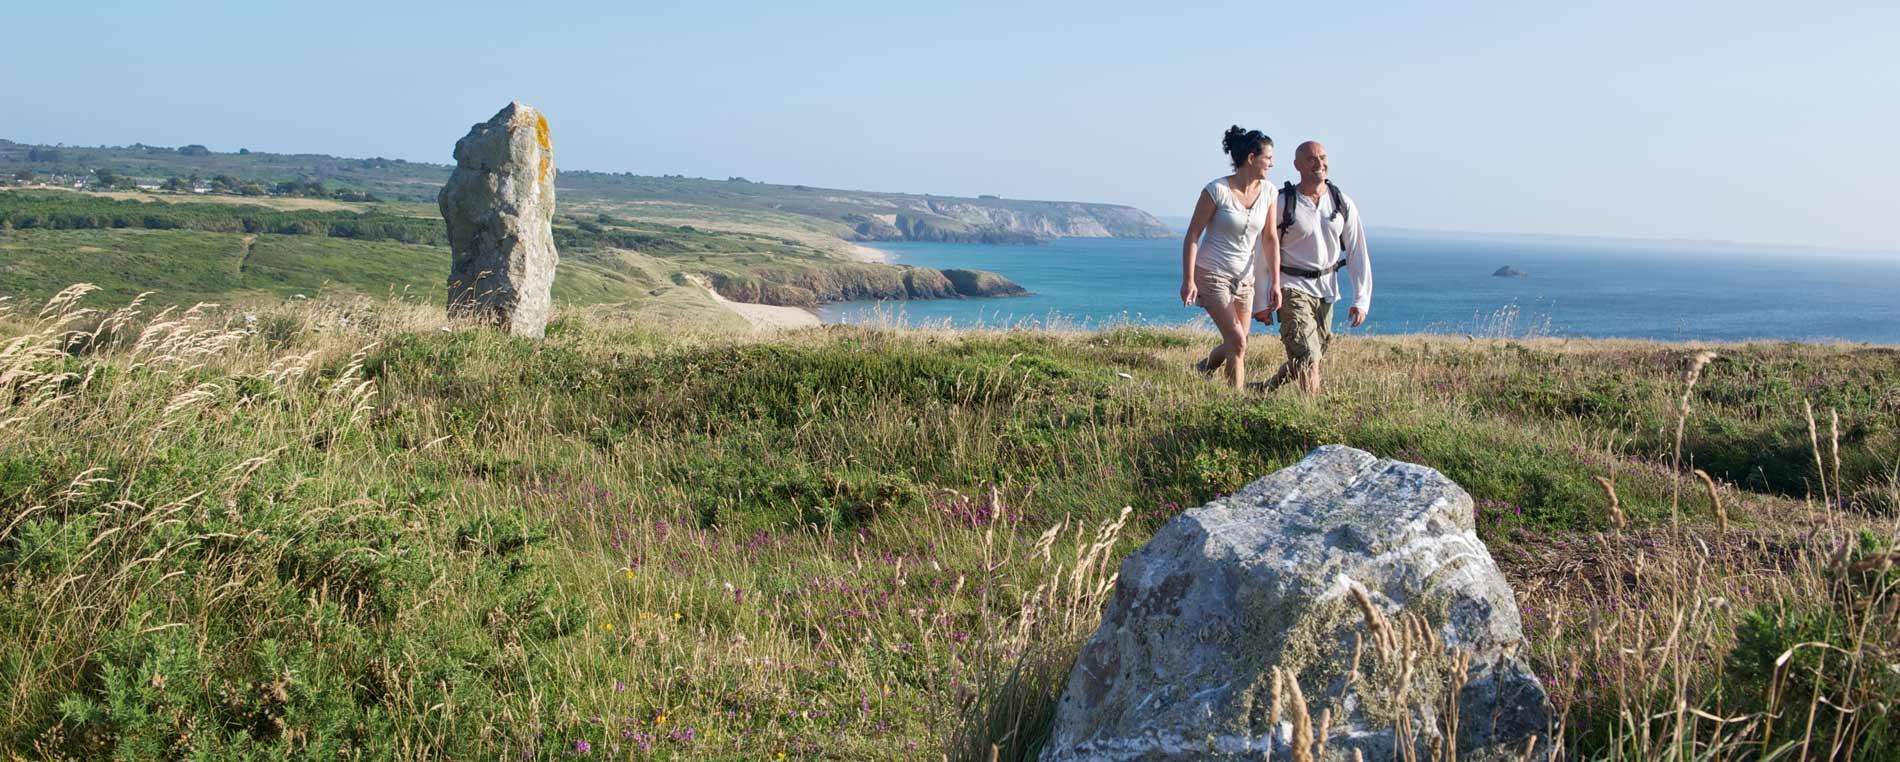 Dolmens et menhirs en presqu'île de Crozon